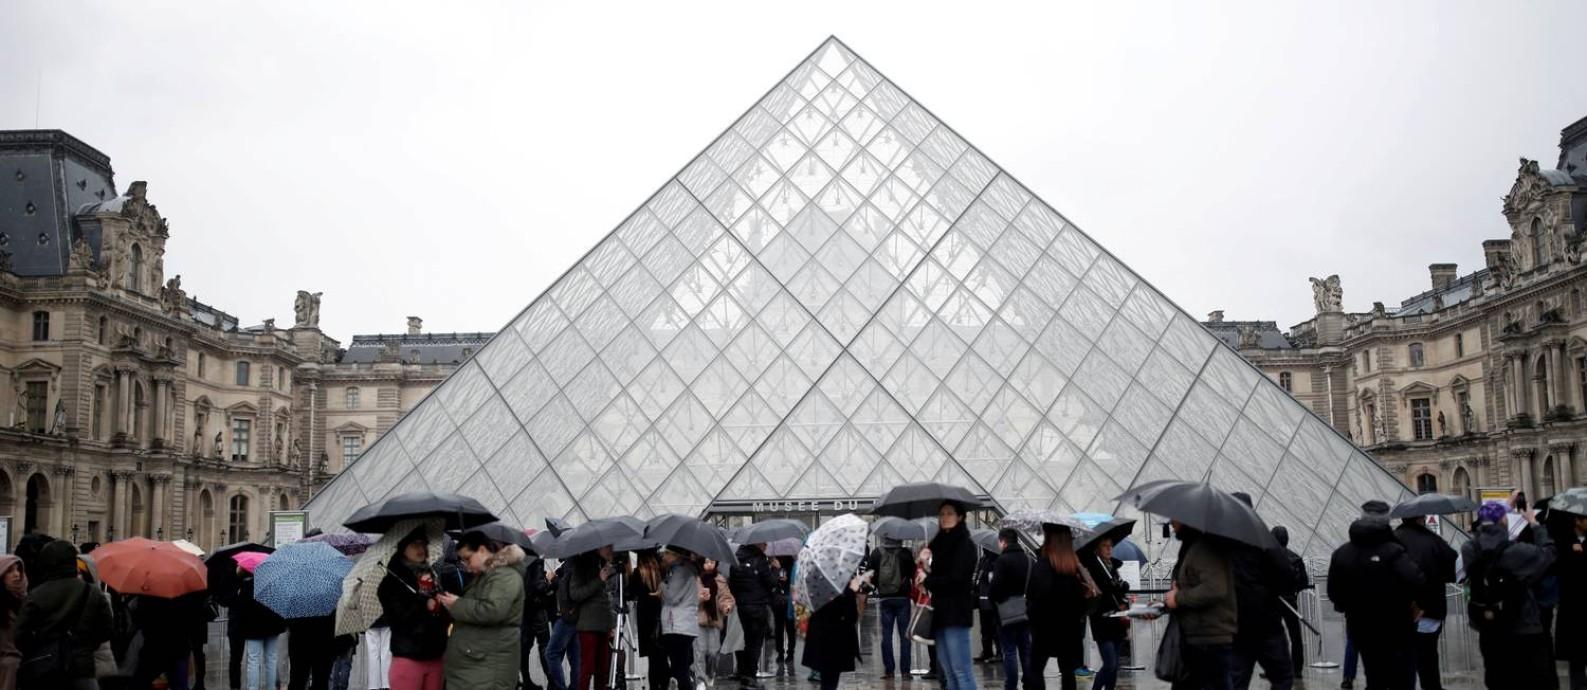 Louvre de portas fechadas: governo francês decidiu restringir aglomerações públicas Foto: Benoit Tessier / REUTERS